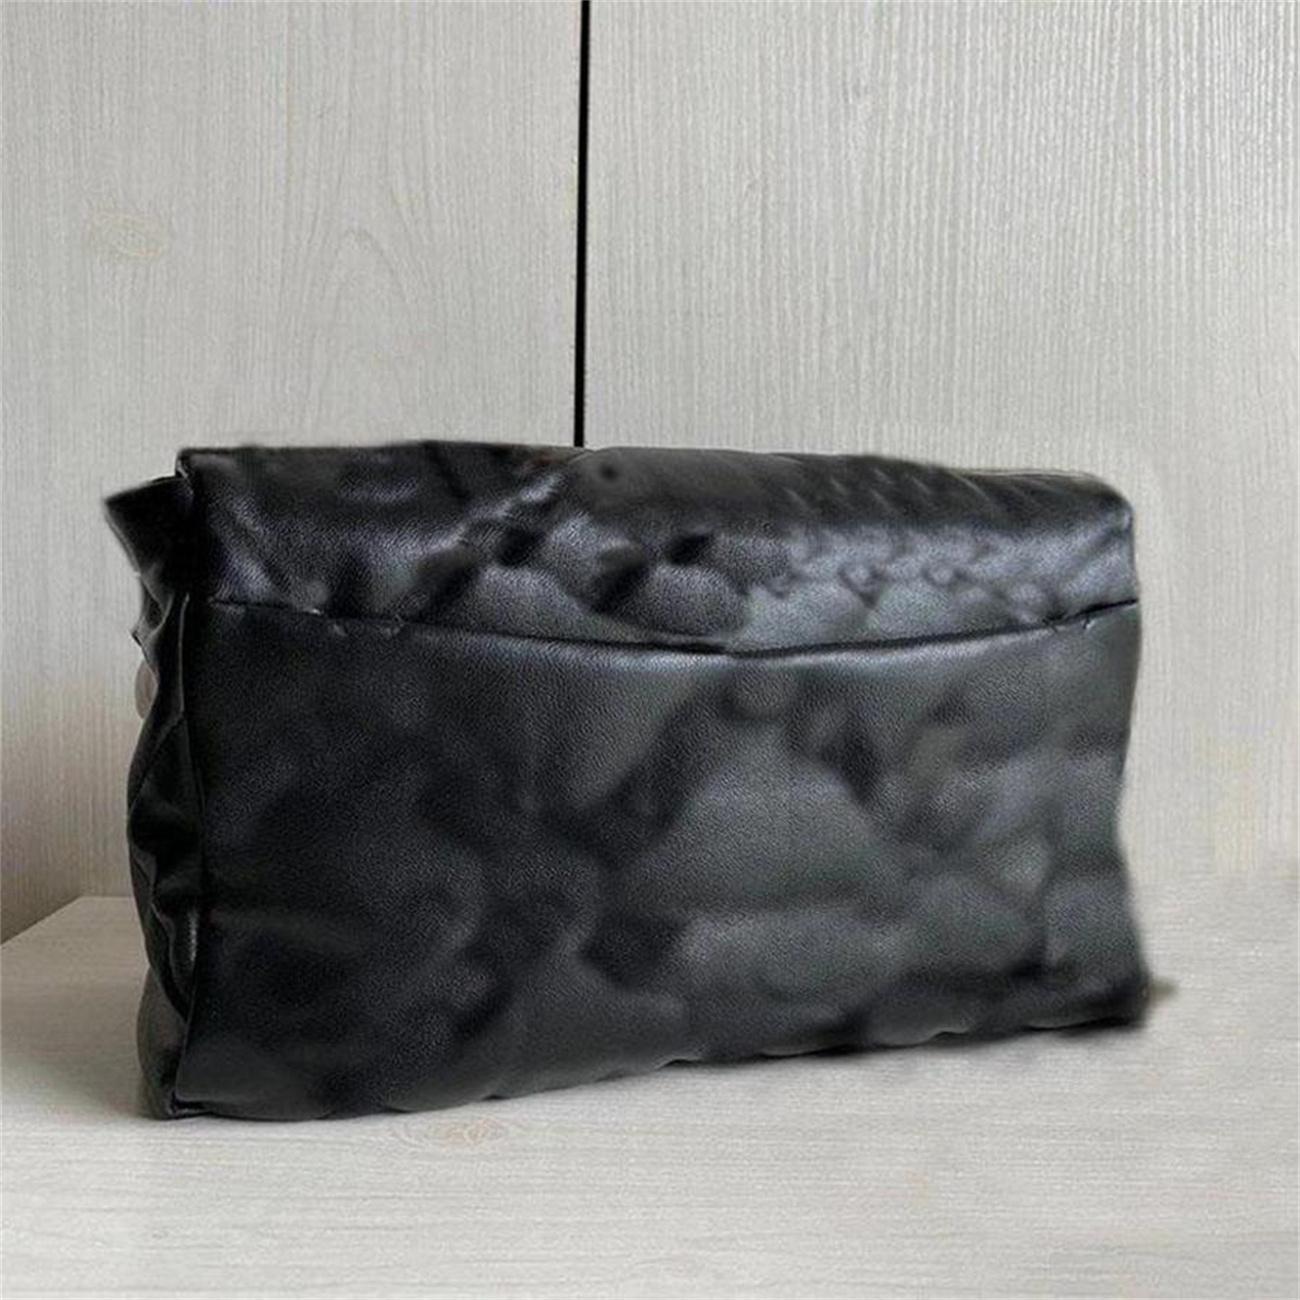 Designer de luxo 19 bolsa famosas mulheres flap sacos bolsas de couro mulher mulher feminina bolsa de ombro